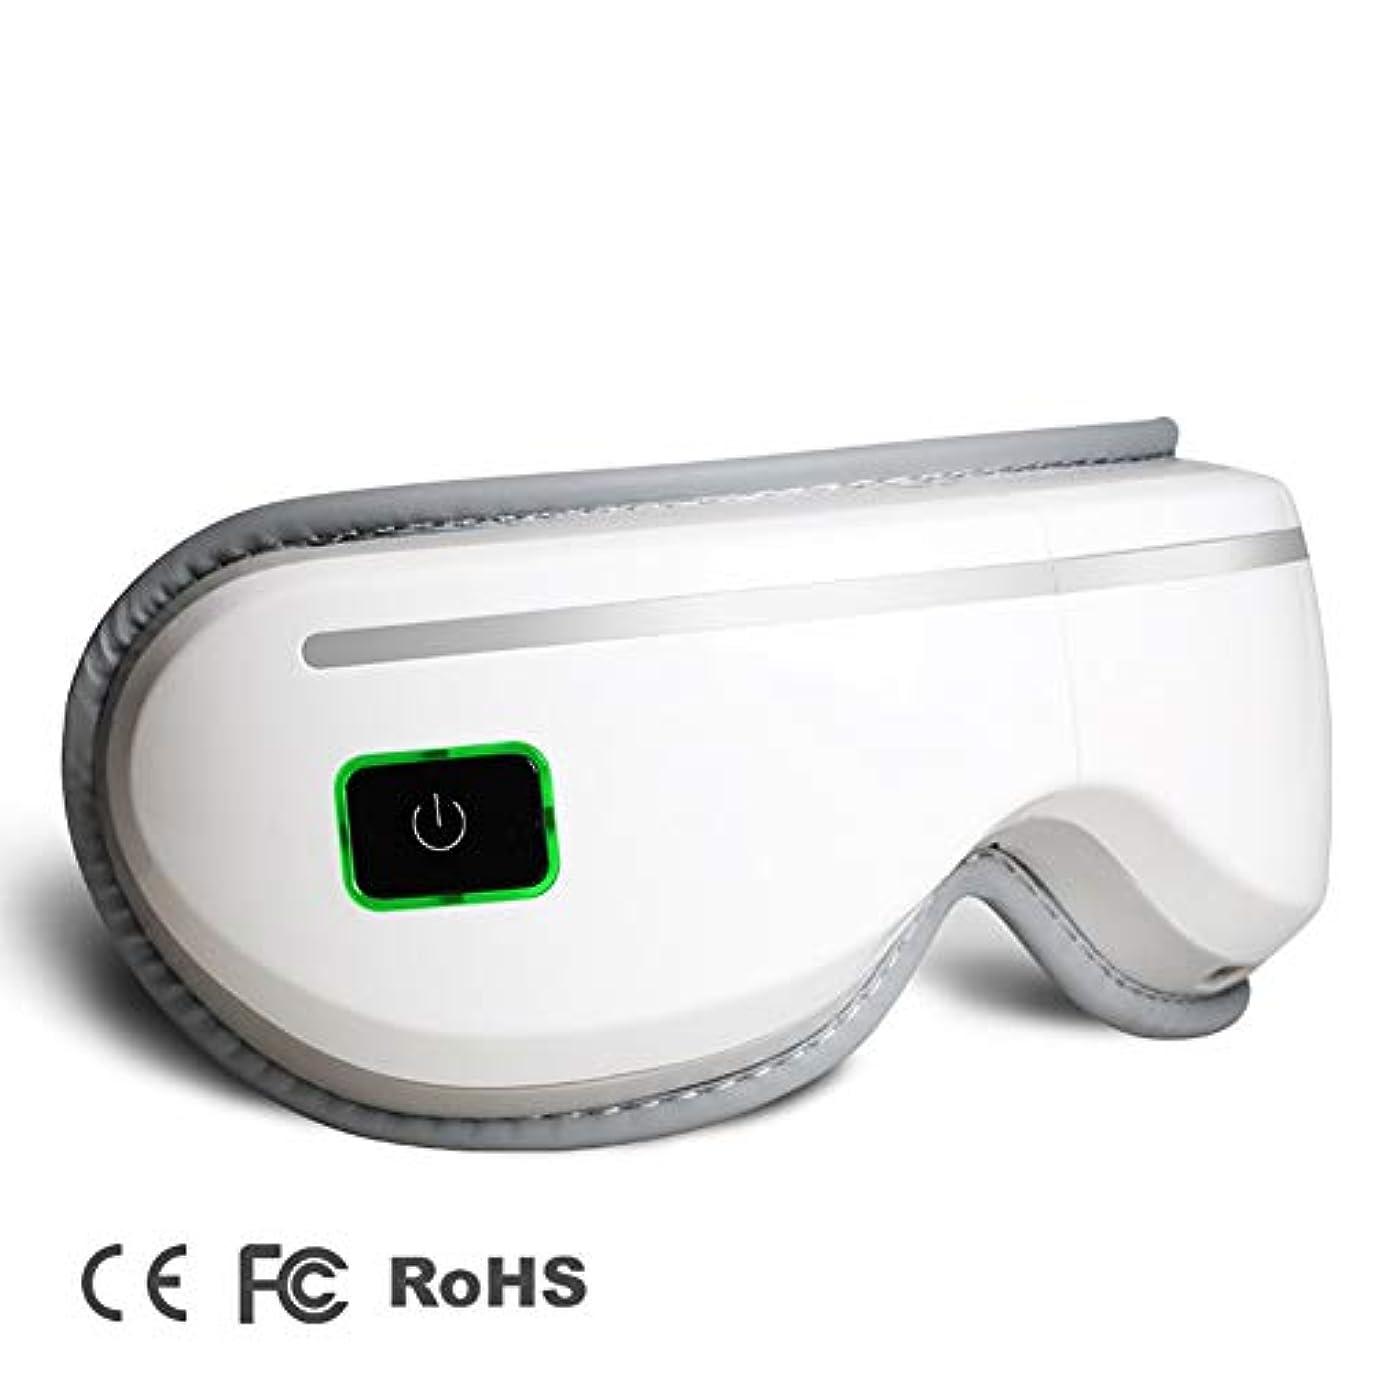 時前文想像するアイマッサージアイマスク電気用ヘッドマッサージストレスリリーフスリーピングとともに熱音楽と空気圧縮3つのモードアイカー